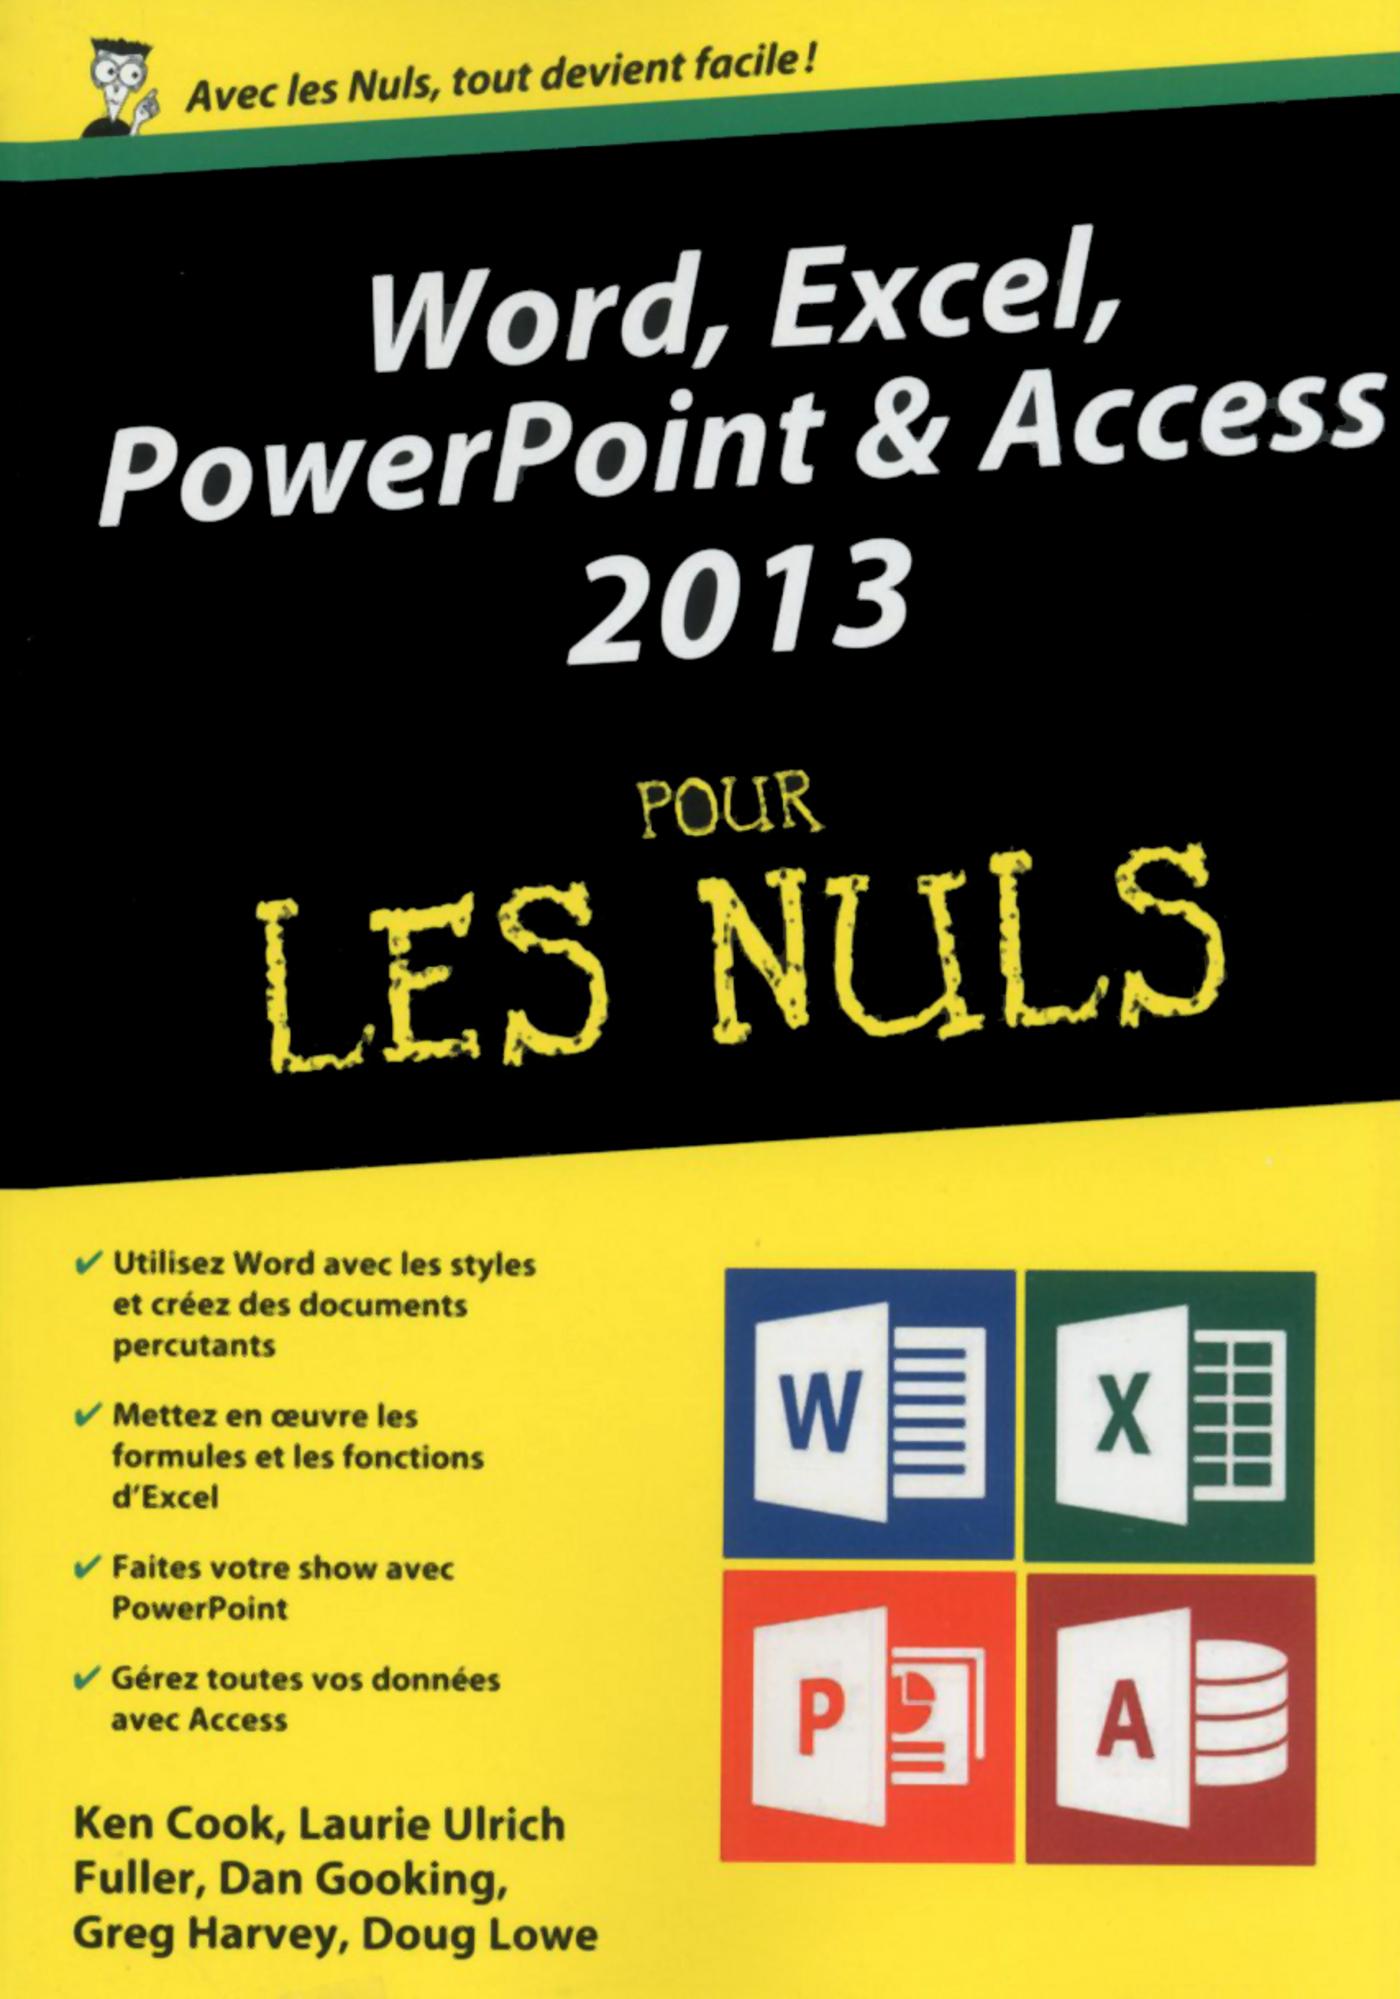 Word, Excel, PowerPoint et access 2013 Mégapoche Pour les Nuls (ebook)